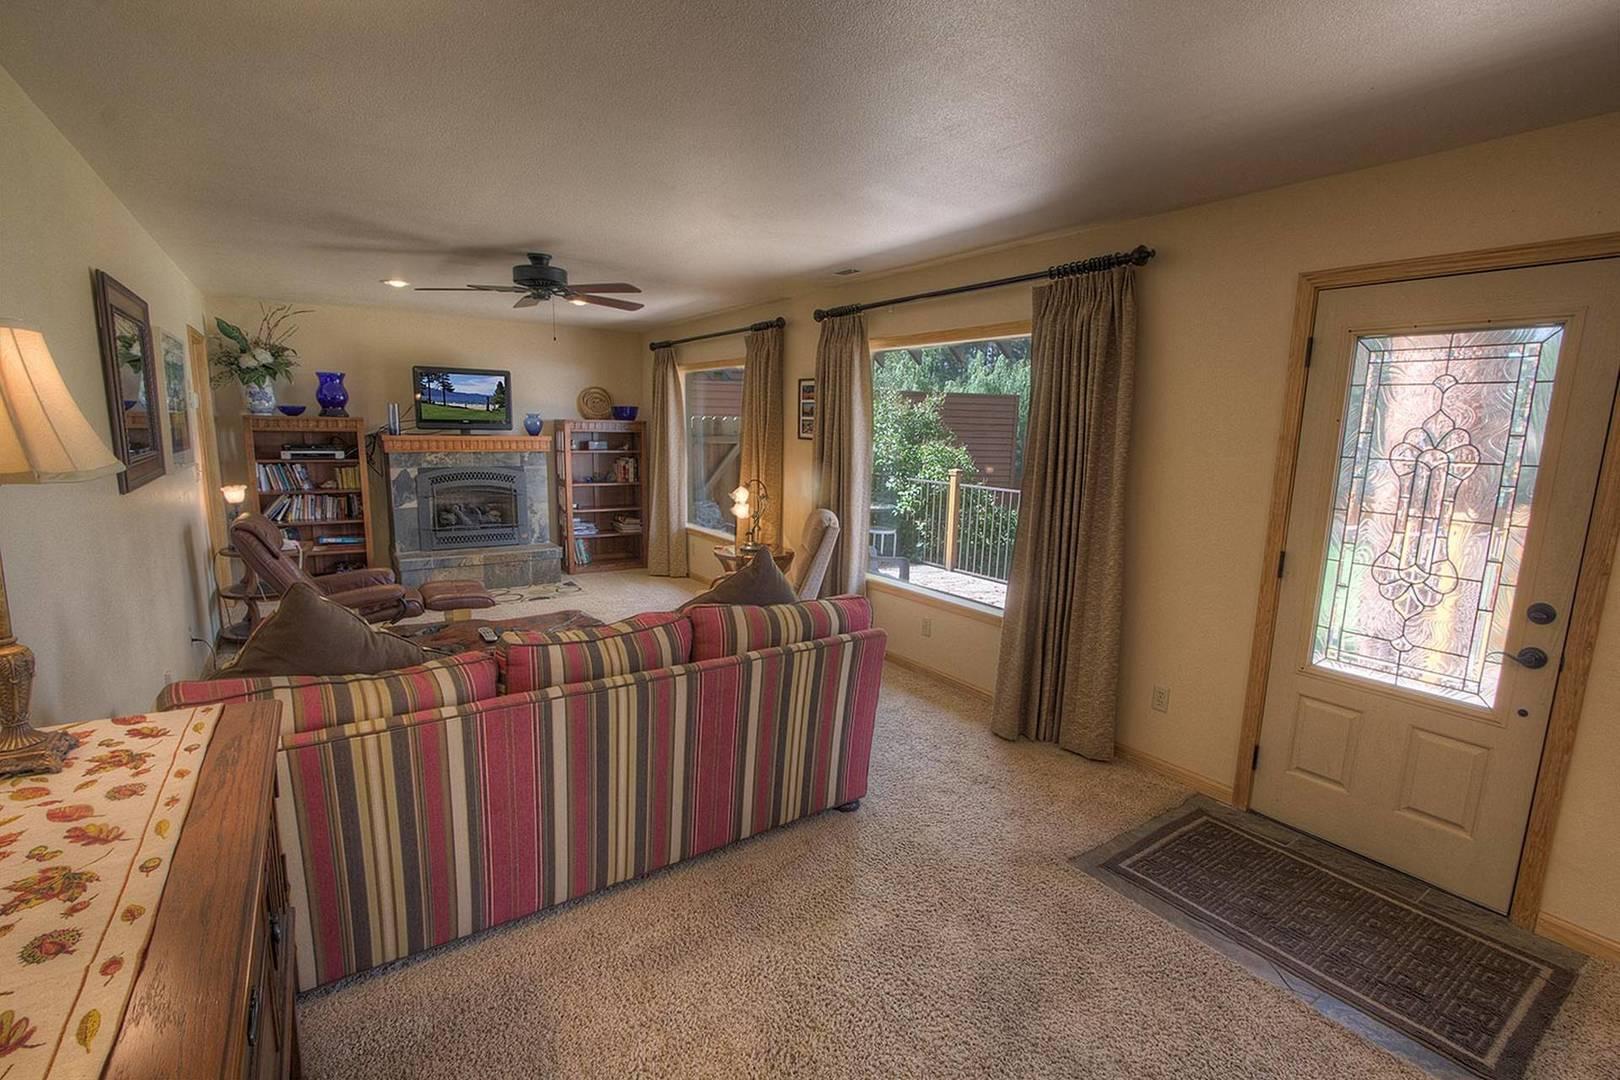 cyh0825 living room